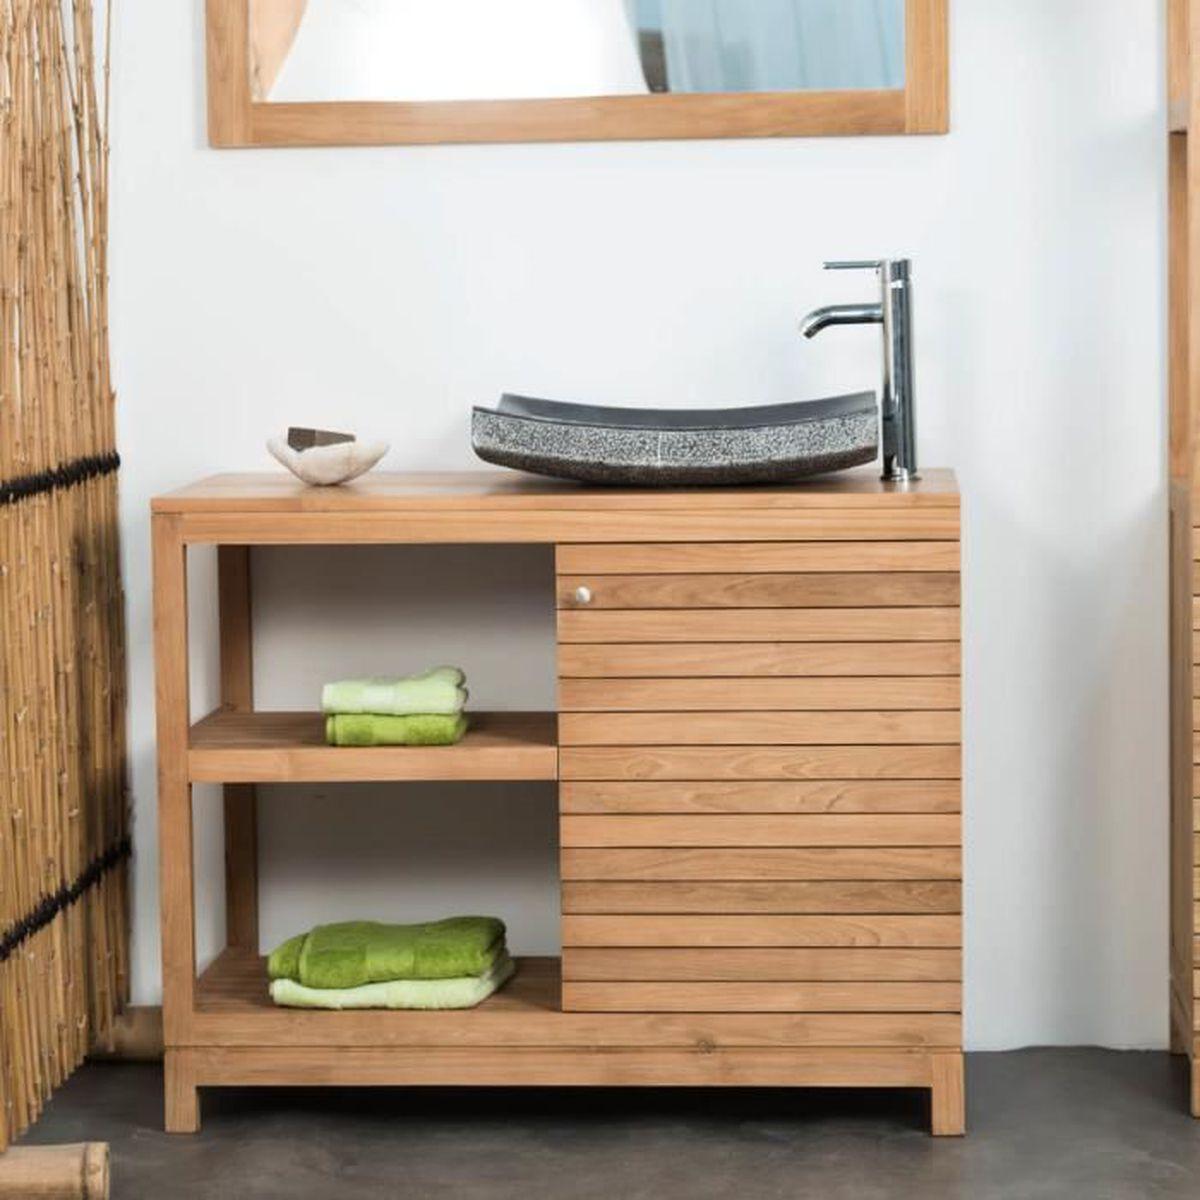 Meuble salle de bain en teck COURCHEVEL 18 - Achat / Vente meuble